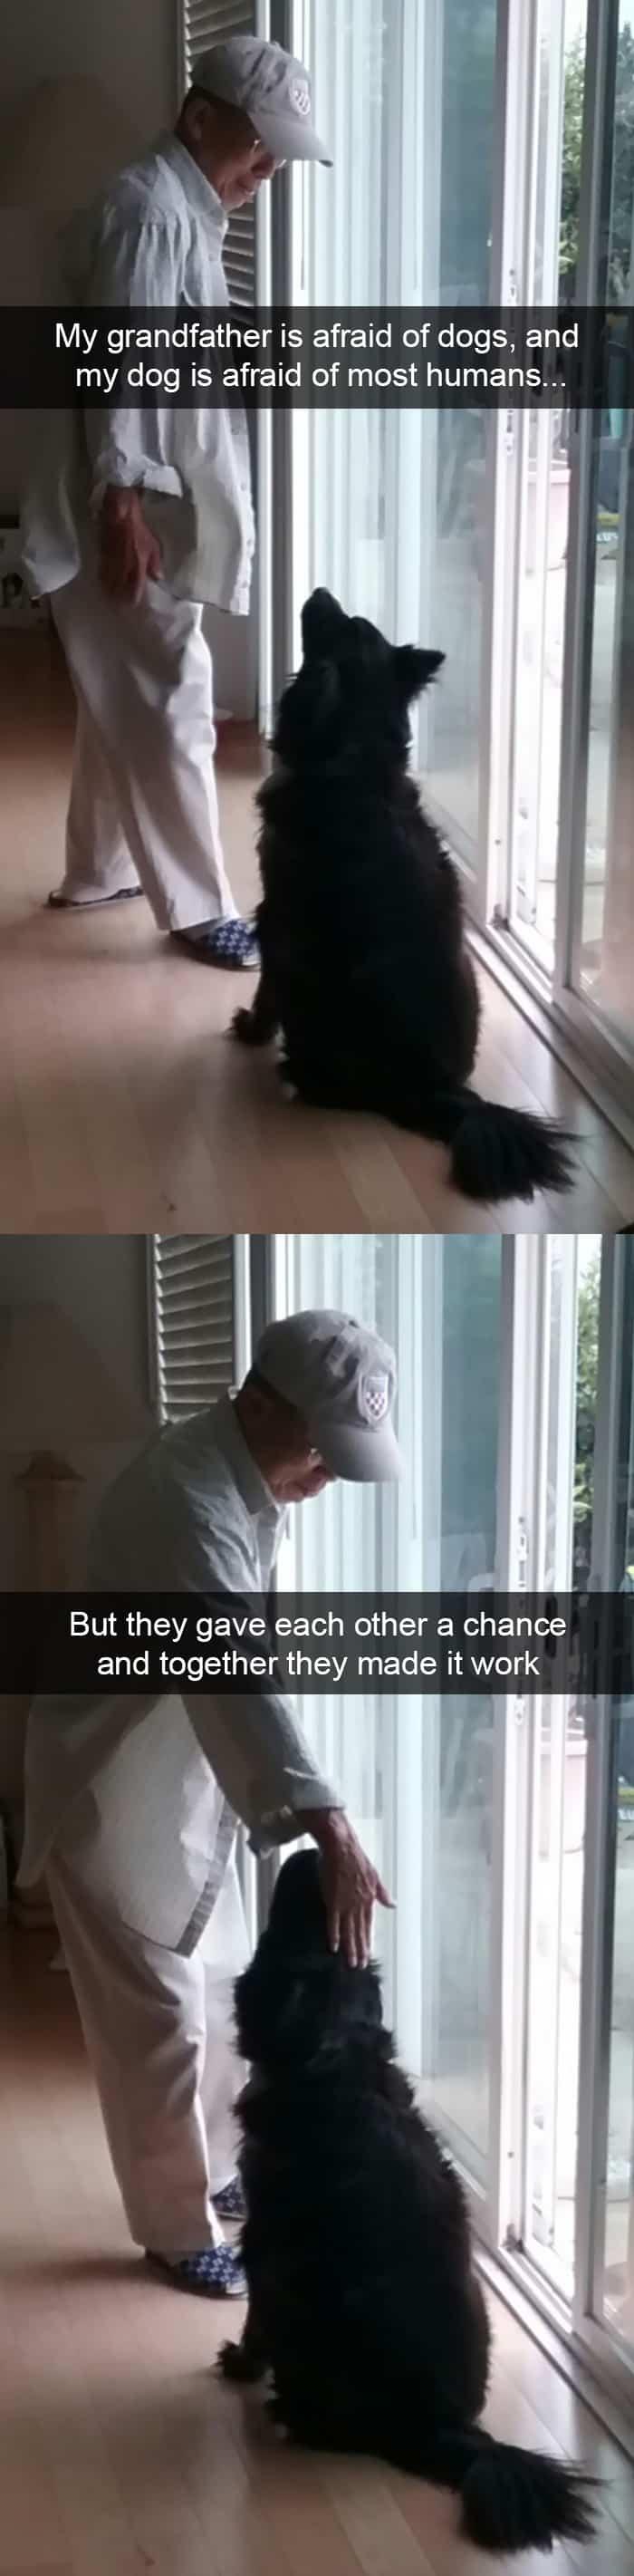 grandfather-is-afraid-of-dog-adorable-dog-snapchats